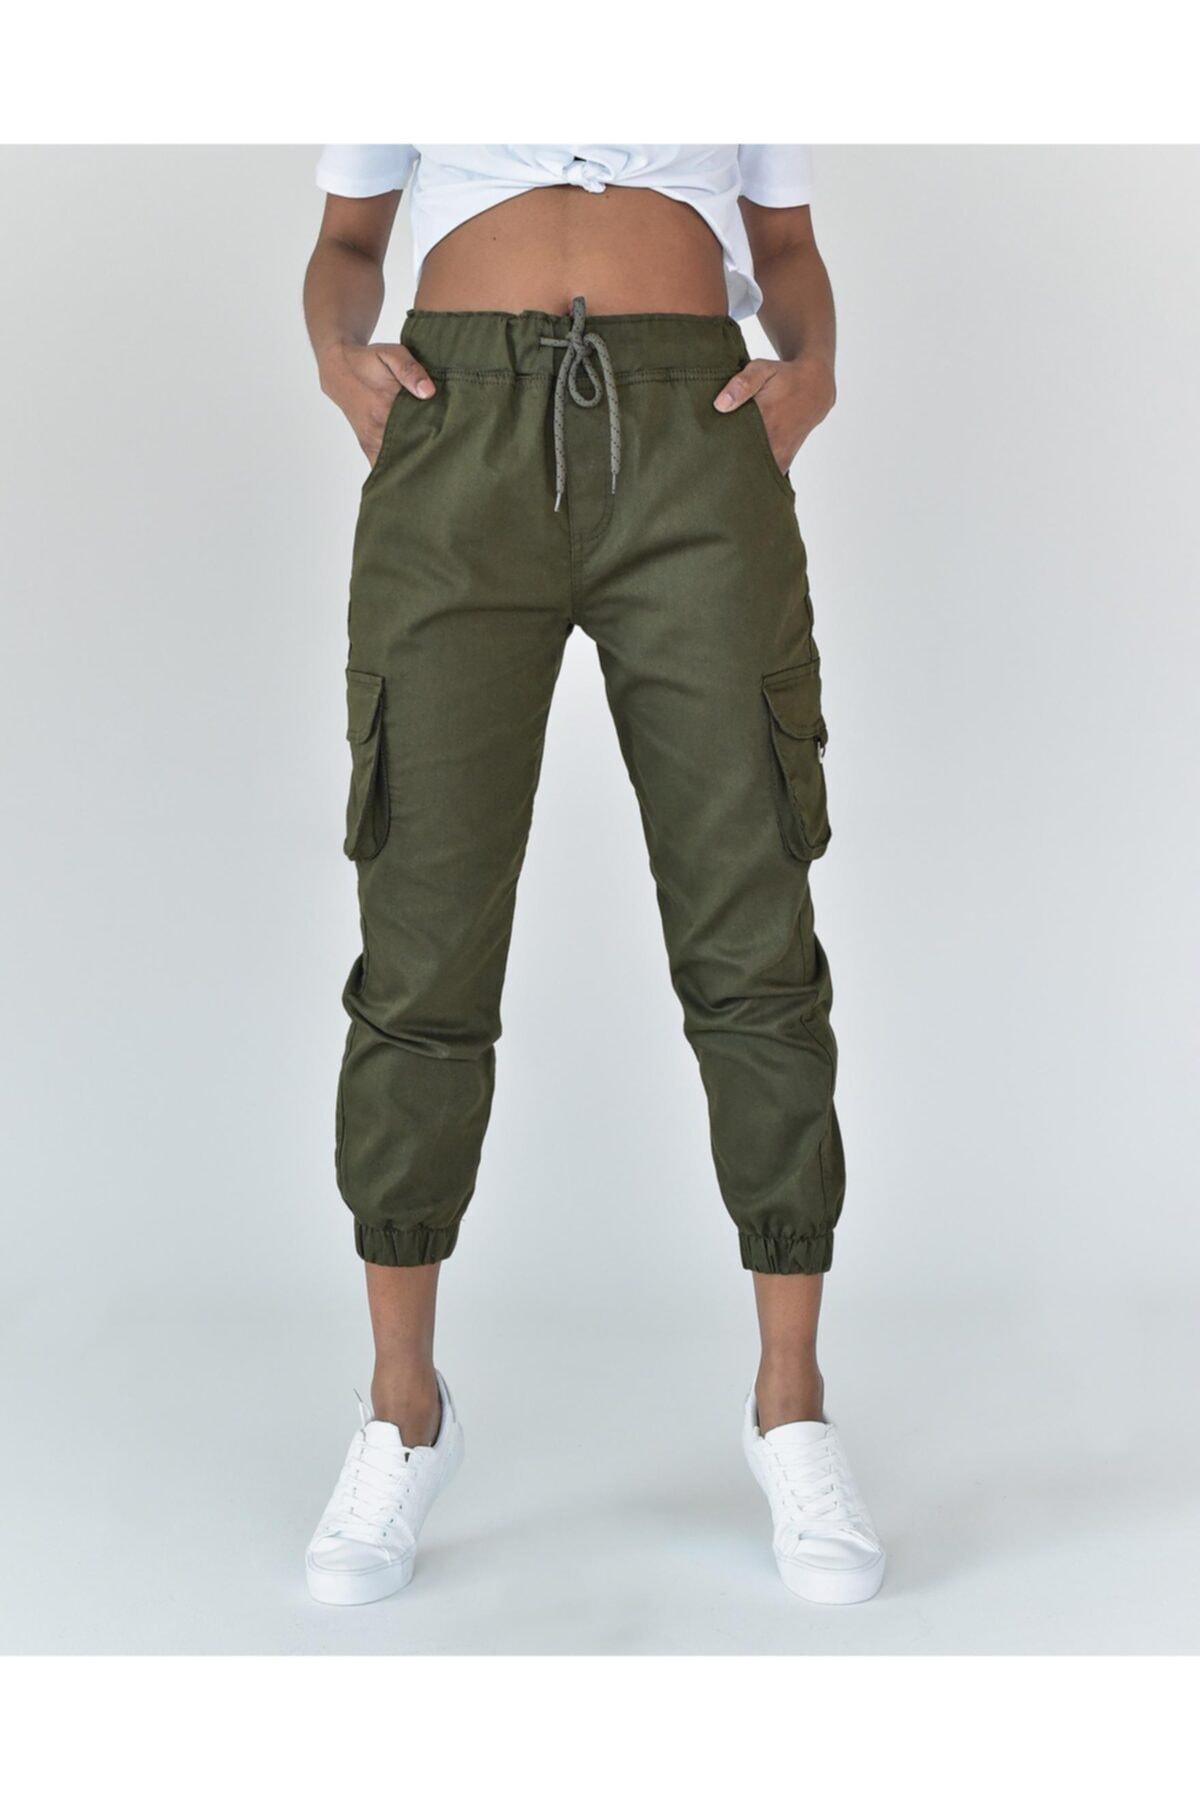 Vision Kadın Haki Cep Detaylı Pantolon 1